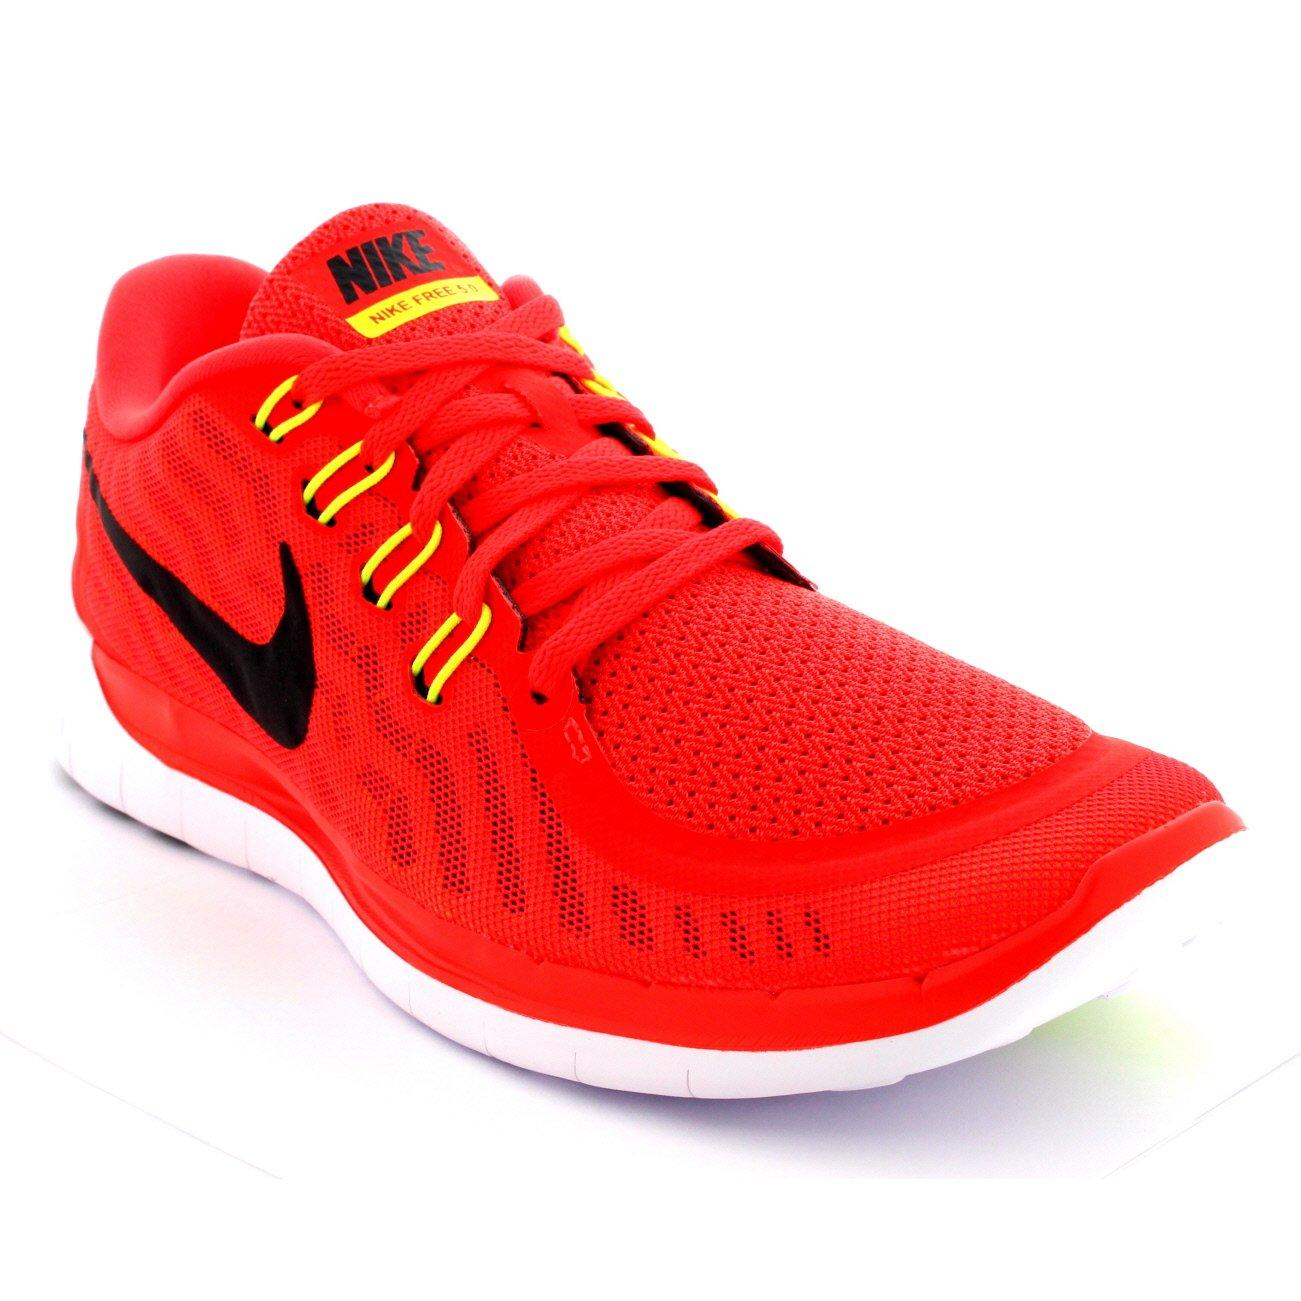 size 40 2de8e 1eb5f Nike Men's Free 5.0 Men's Running Shoes-724382-600-Size-9 UK ...